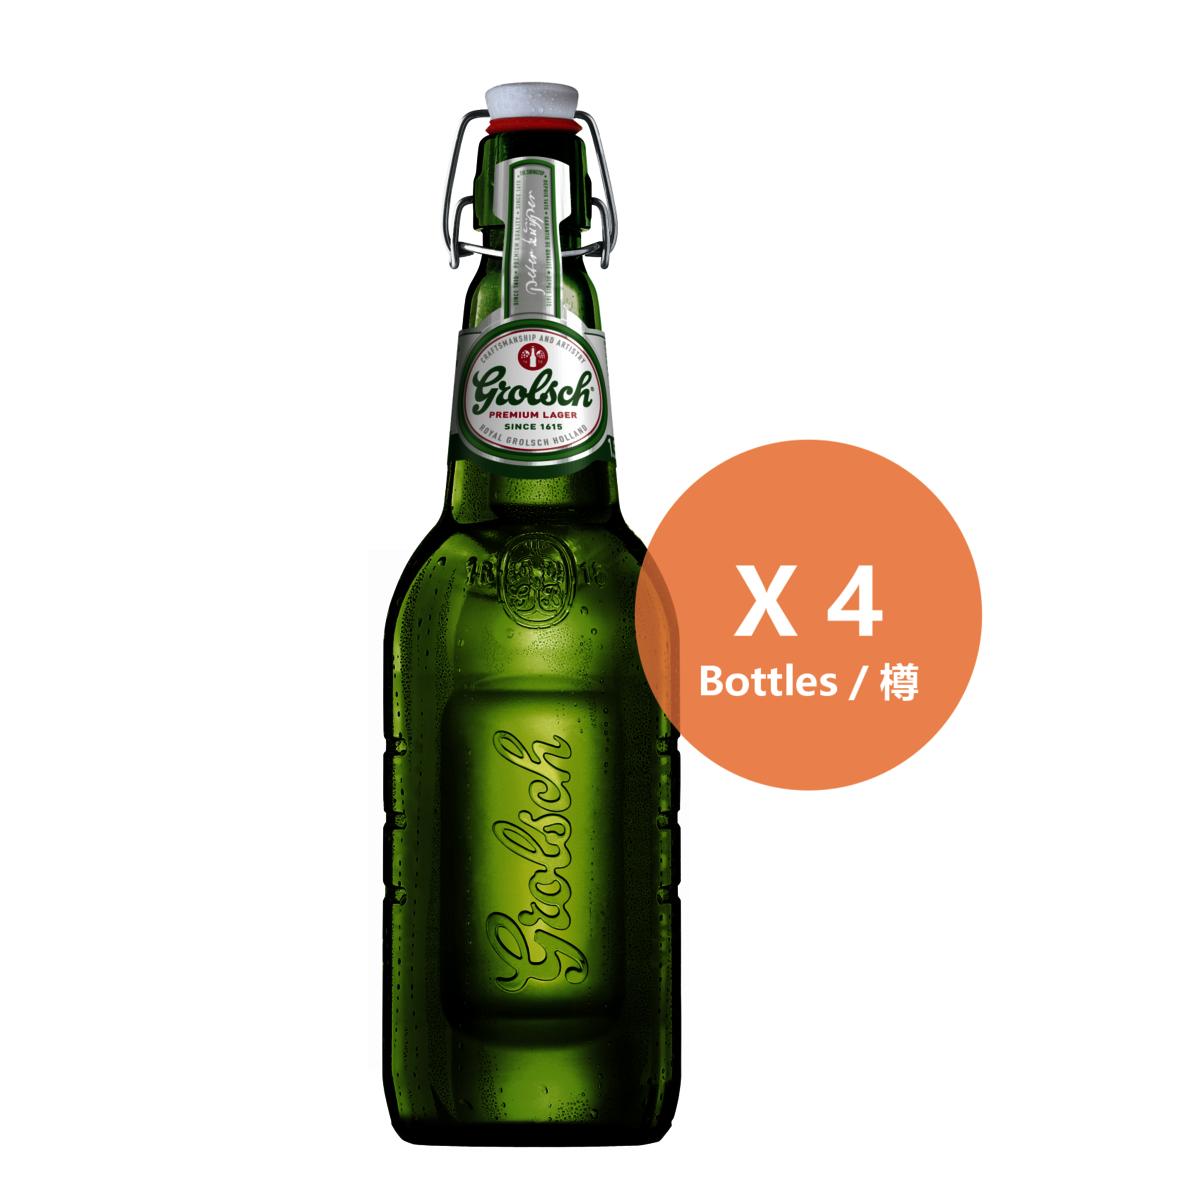 頂級拉格啤酒(經典拉蓋裝) - 4樽裝